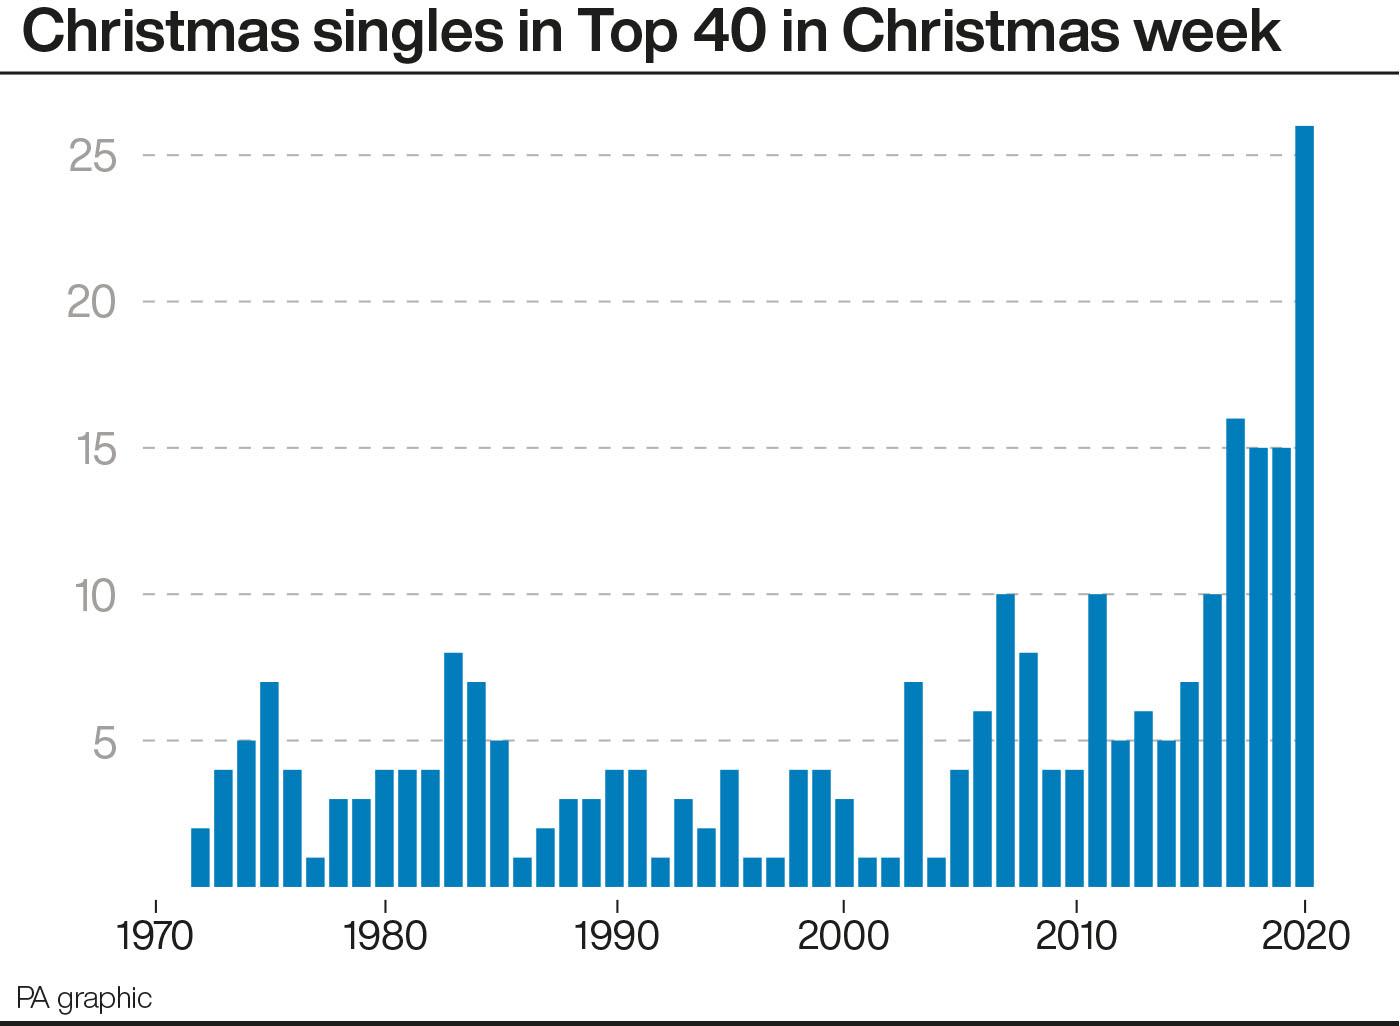 Christmas singles in Top 40 in Christmas week